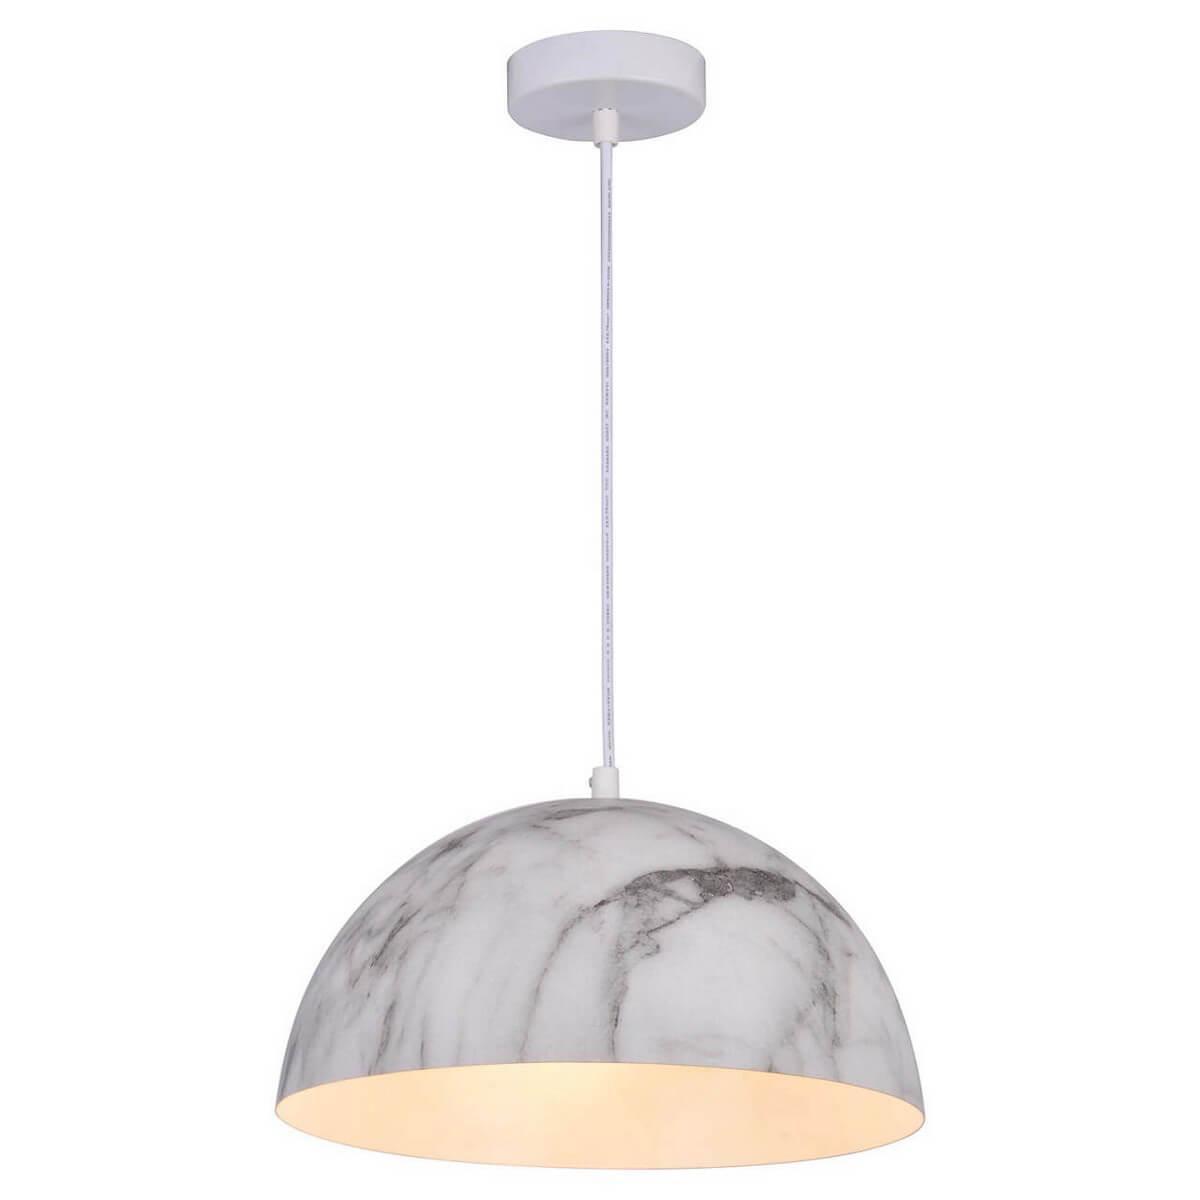 Подвесной светильник Lussole GRLSP-0179, E14, 6 Вт подвесной светильник lussole grlsp 9678 коричневый